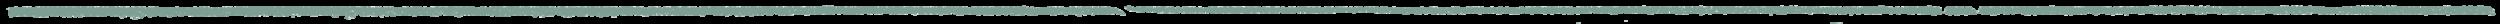 Horizontal_divider-04_green.png